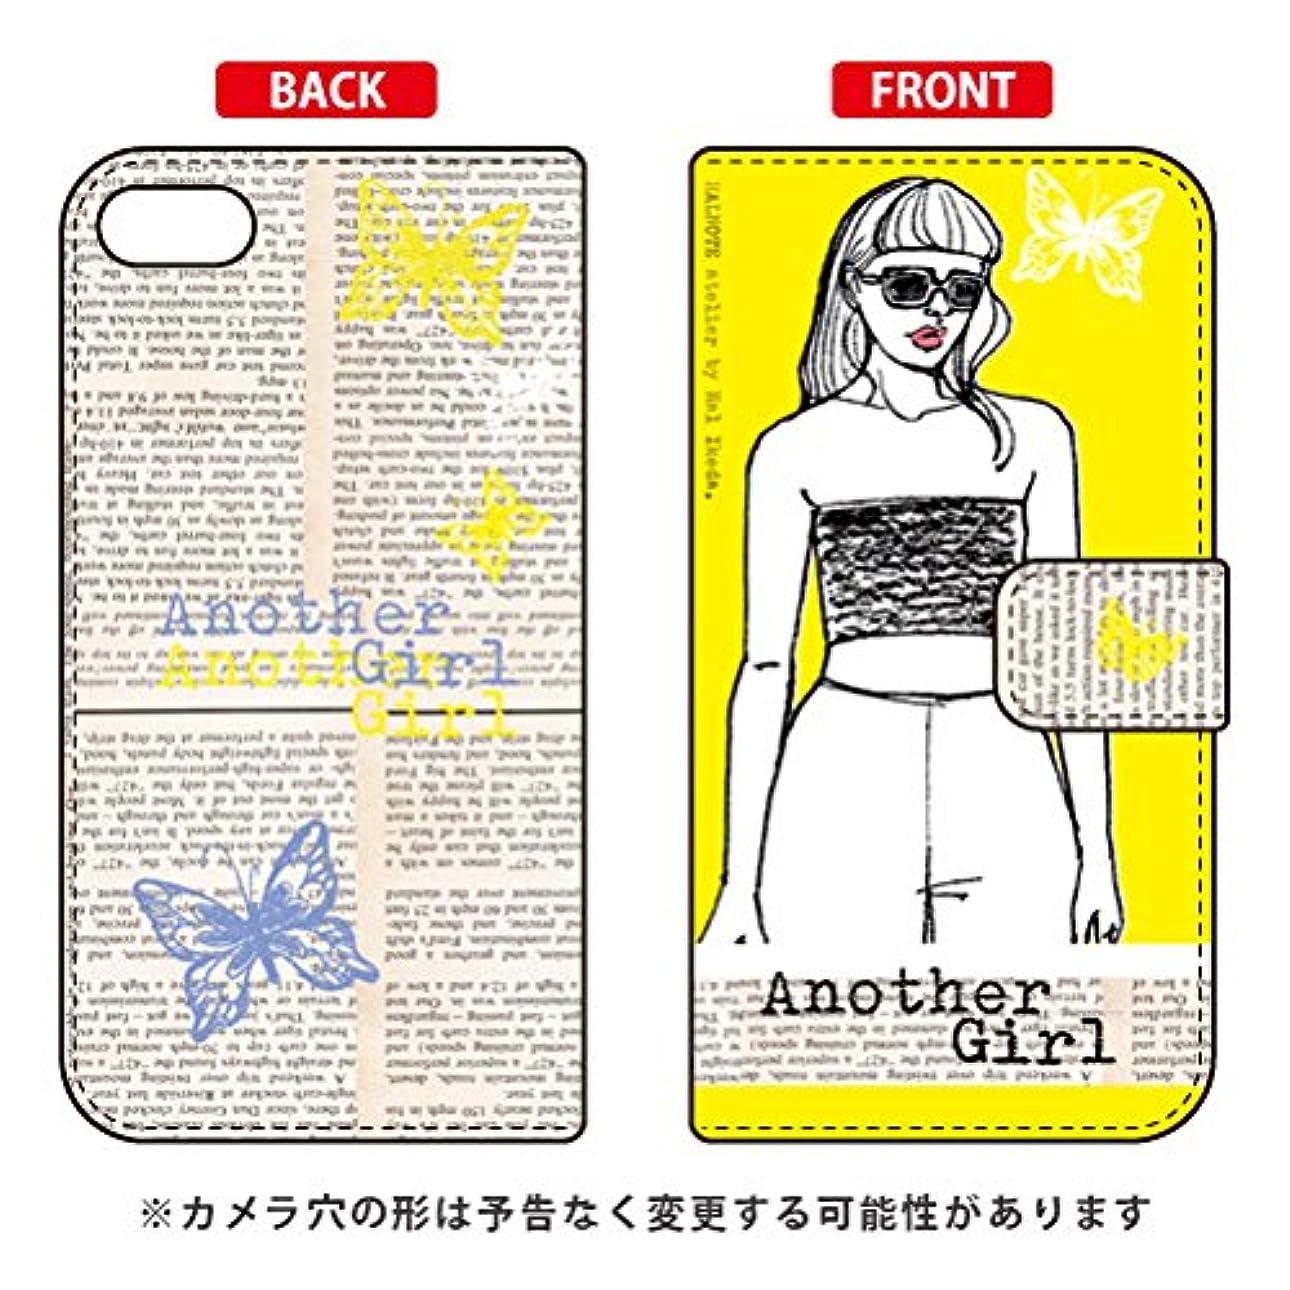 シャンプー平衡こどもの日SECOND SKIN 手帳型スマートフォンケース Hal Ikeda 「Another Girl イエロー」 / for iPod touch (第6世代) ATC6TH-IJTC-401-LJK5